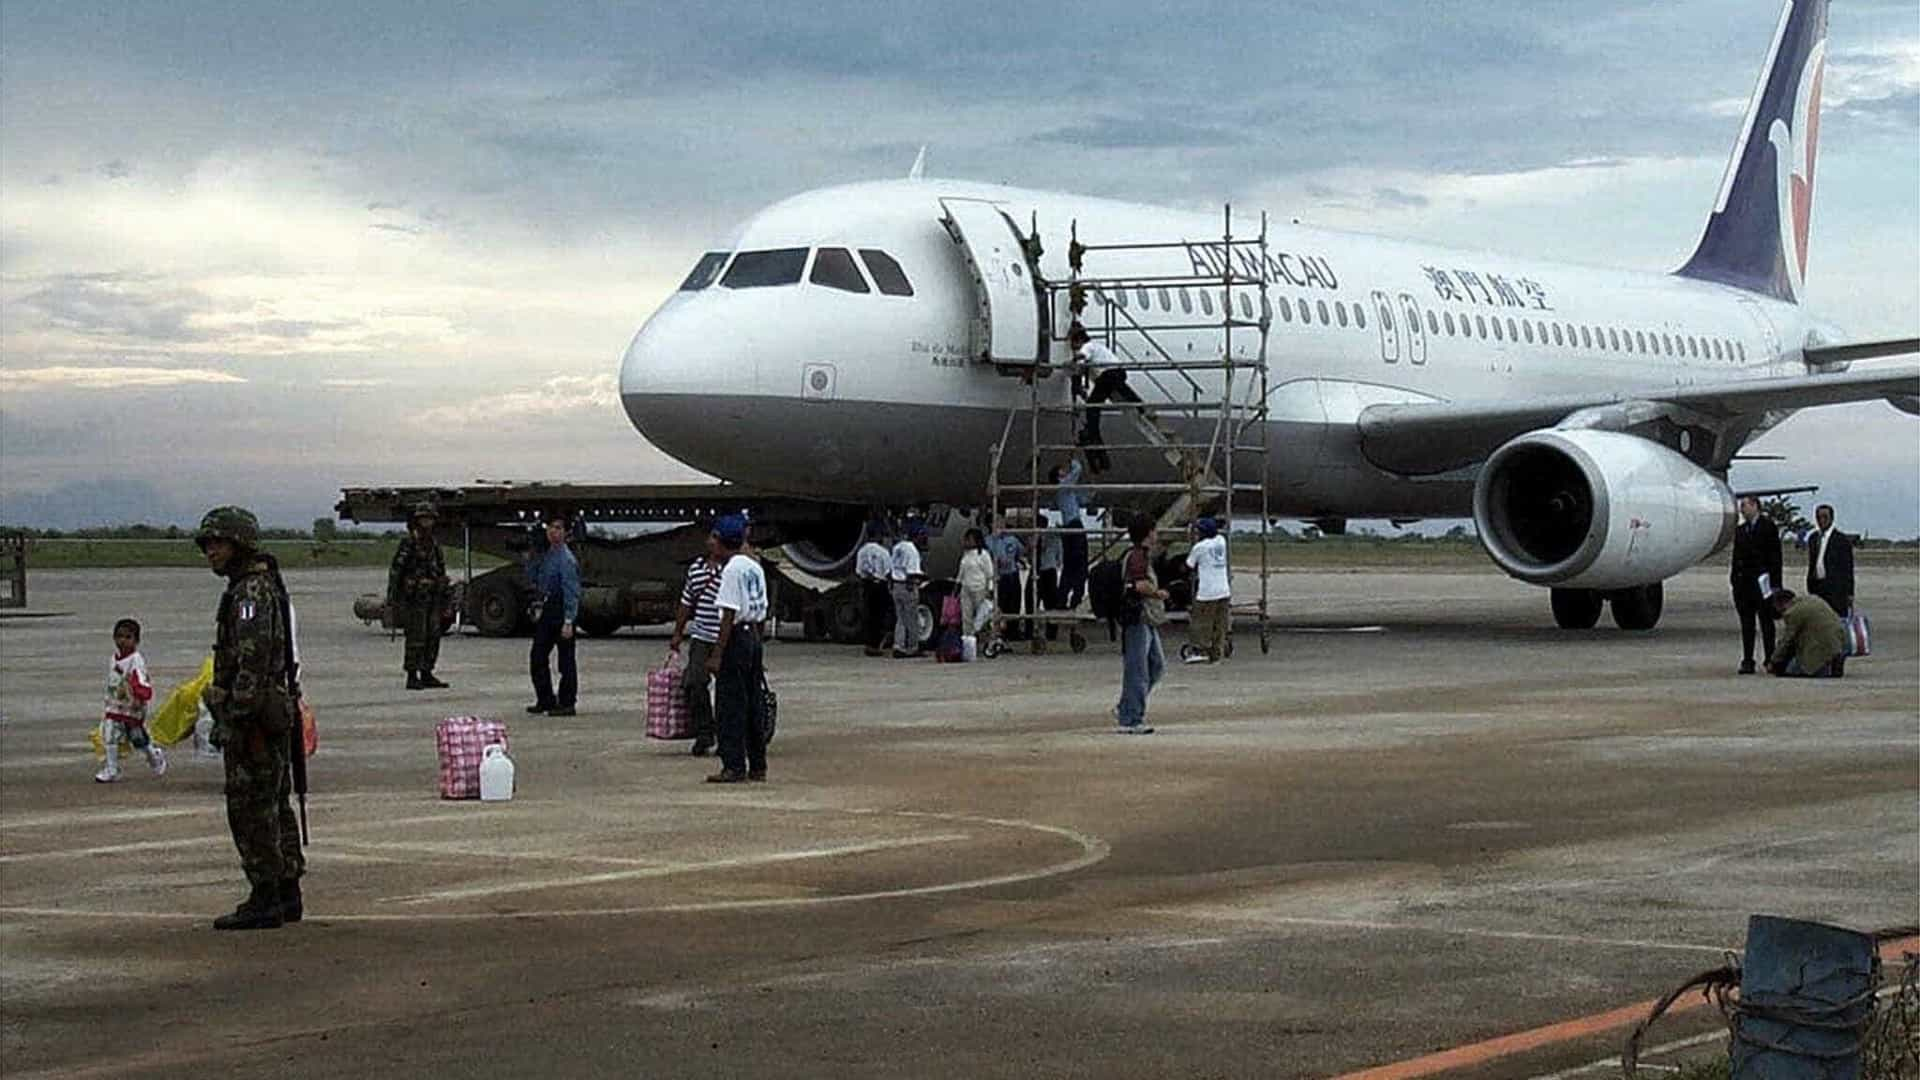 Aeroporto Dili : Notícias ao minuto três responsáveis de clinica privada detidos em